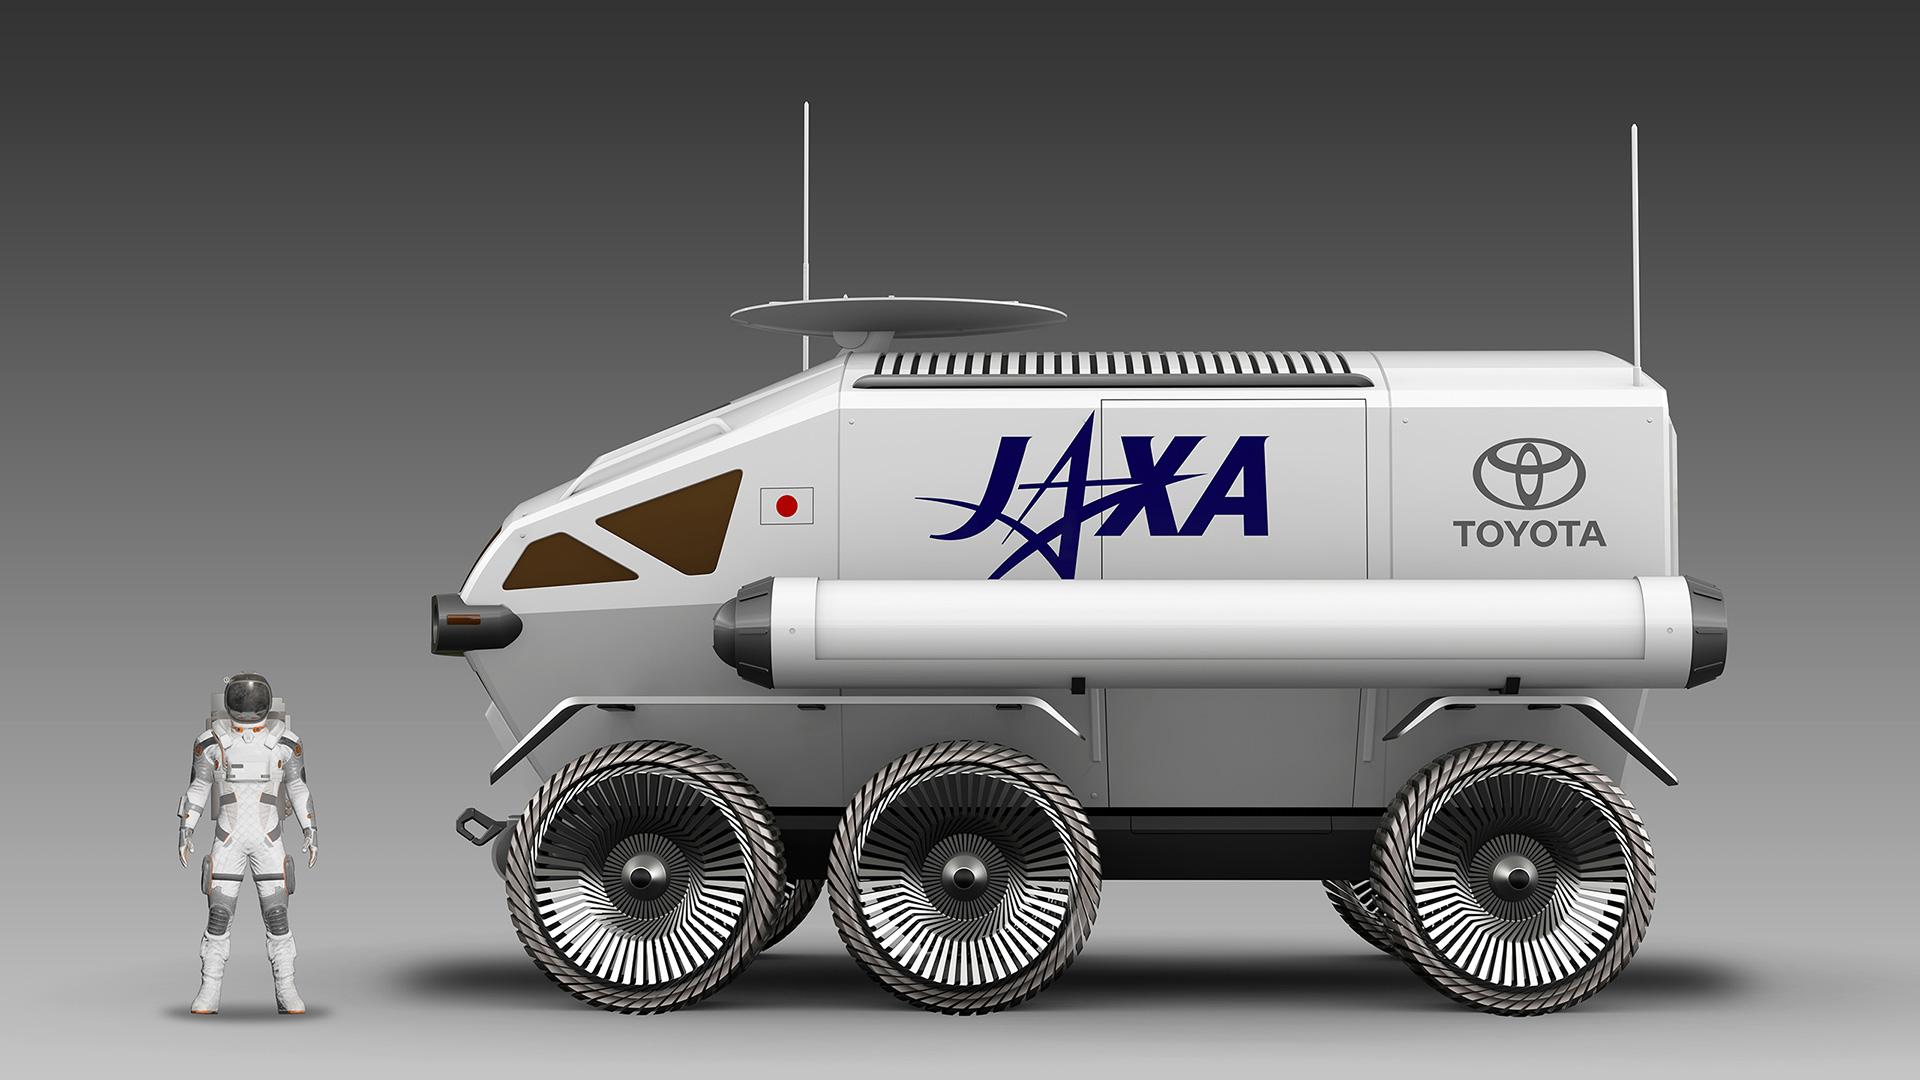 Fabricante fechou parceria com agência espacial do Japão JAXA, que quer lançar um veículo lunar tripulado no espaço em 2029.